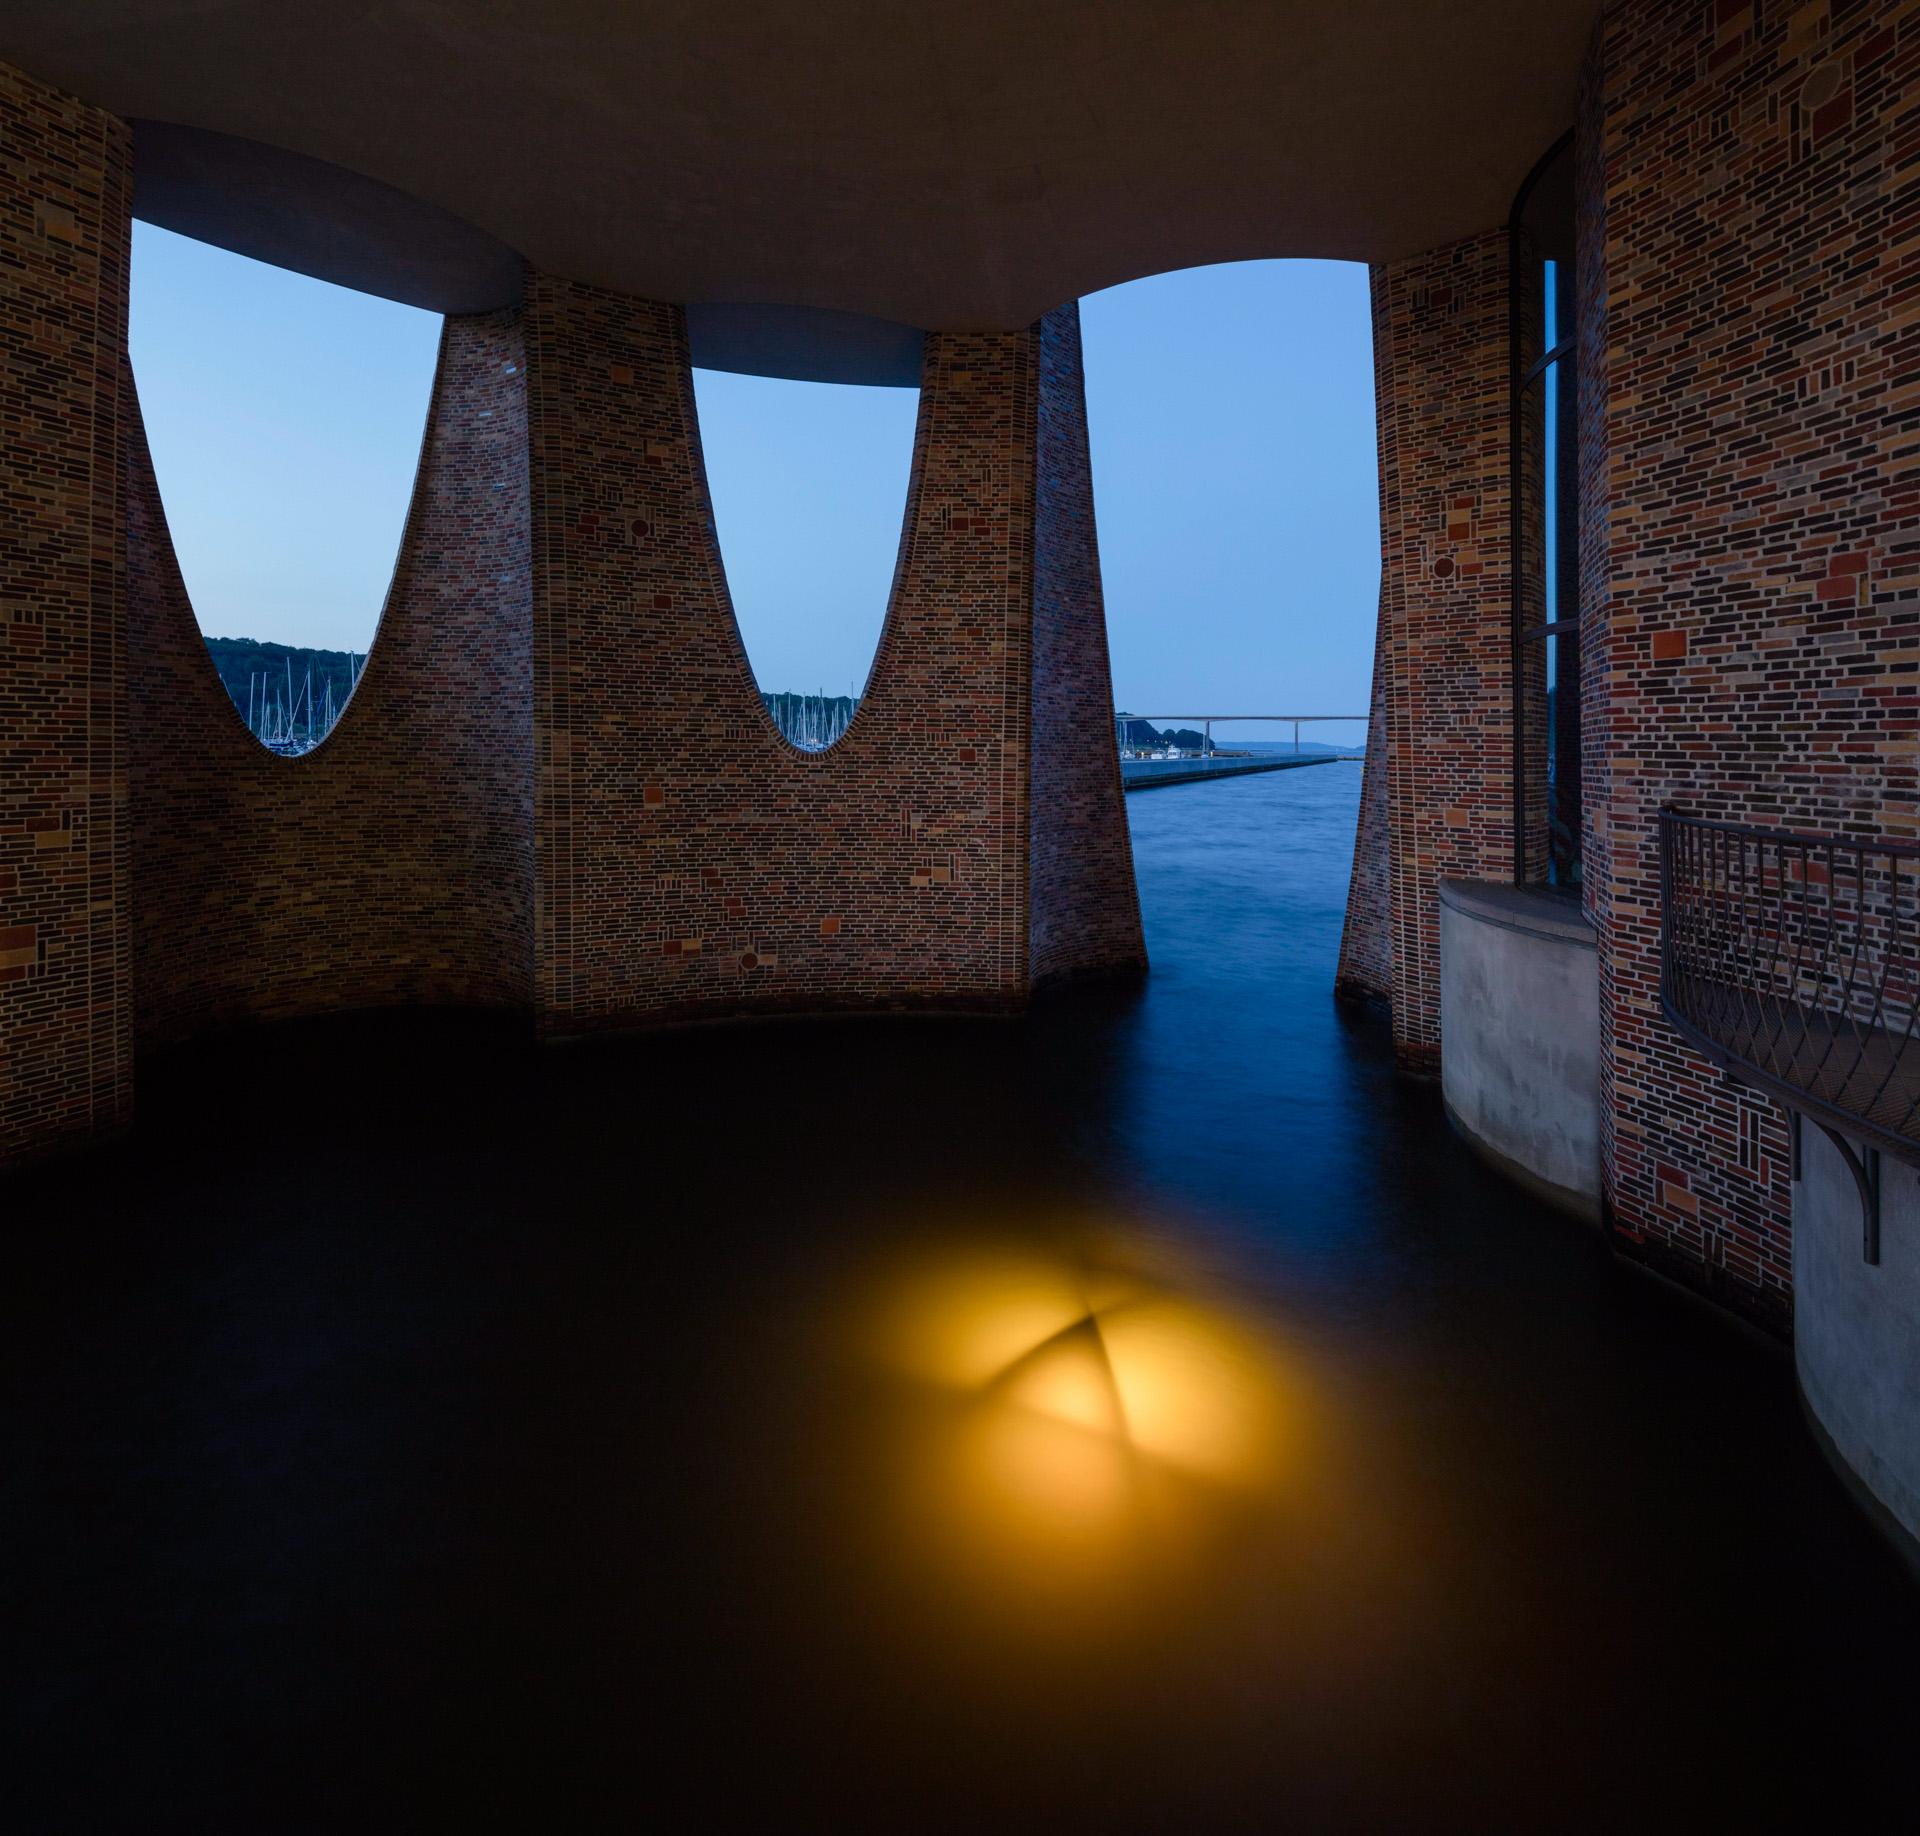 Restaurant Lyst: Ny restaurant i Olafur Eliassons ikoniske bygning Fjordenhus